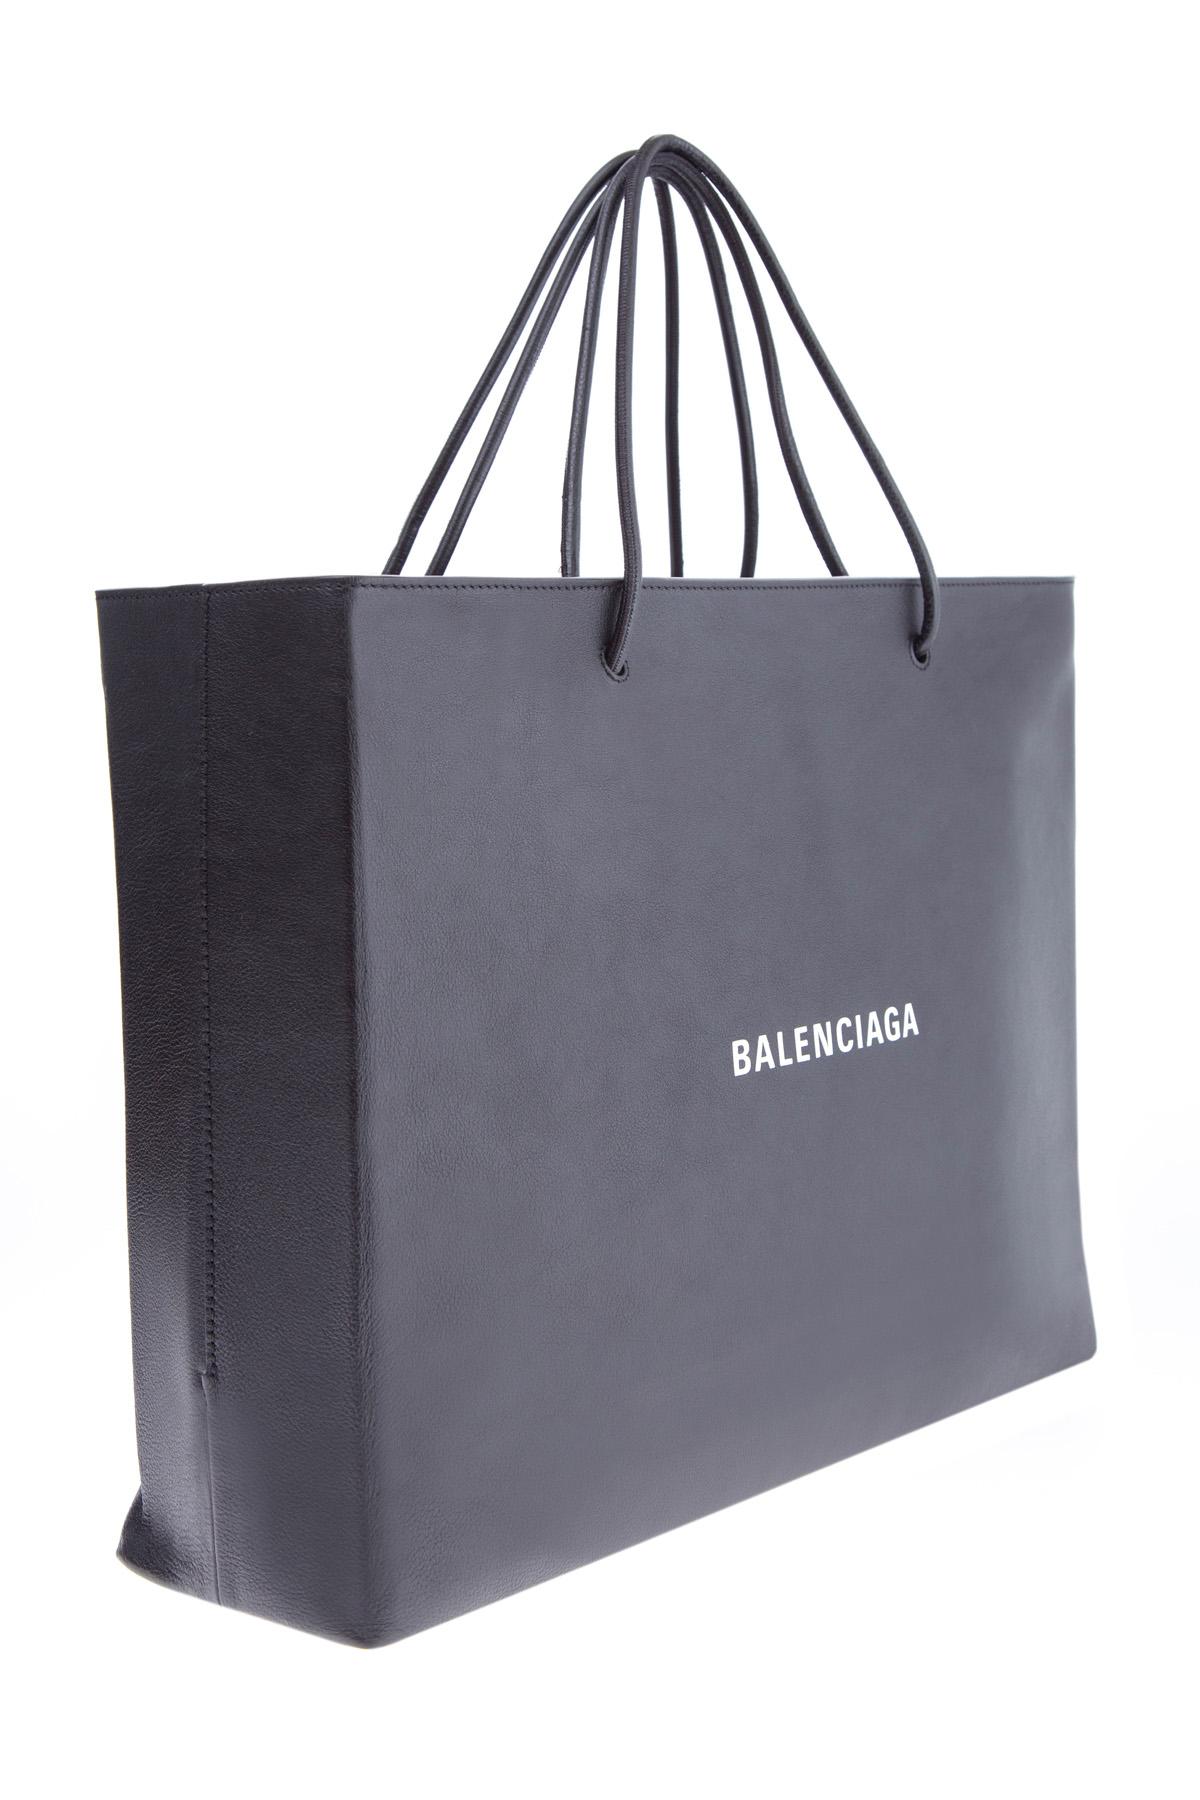 сумка BALENCIAGA BL527227 1060 Фото 5